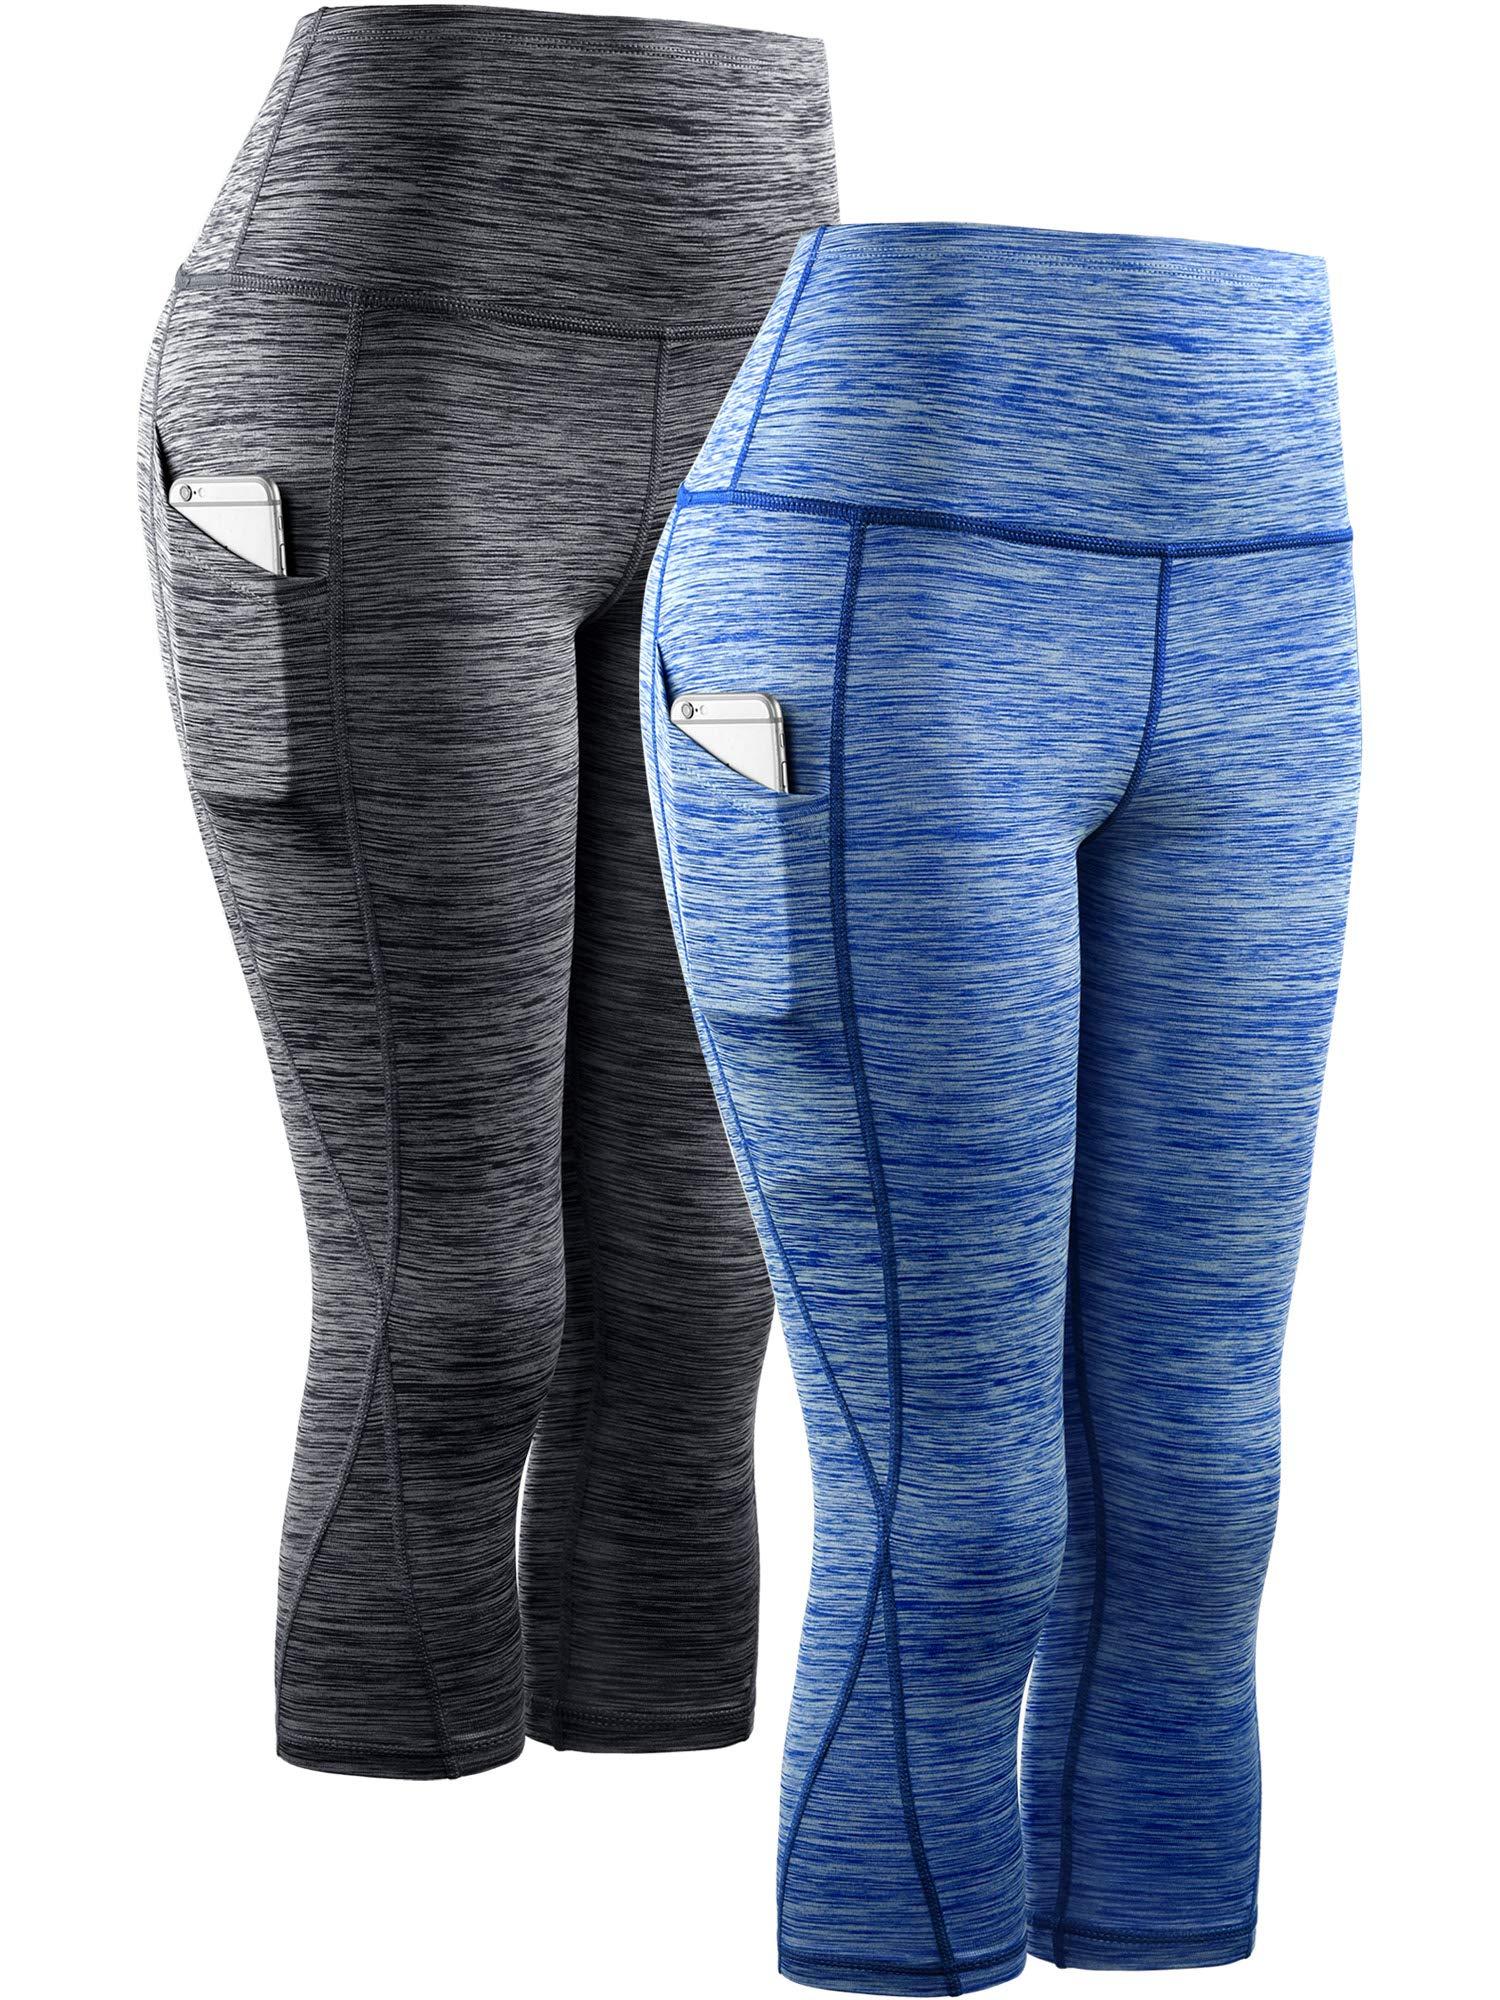 Neleus Women's 2 Pack Tummy Control High Waist Yoga Capri Leggings with Pockets,9034,Black,Blue,S,EU M by Neleus